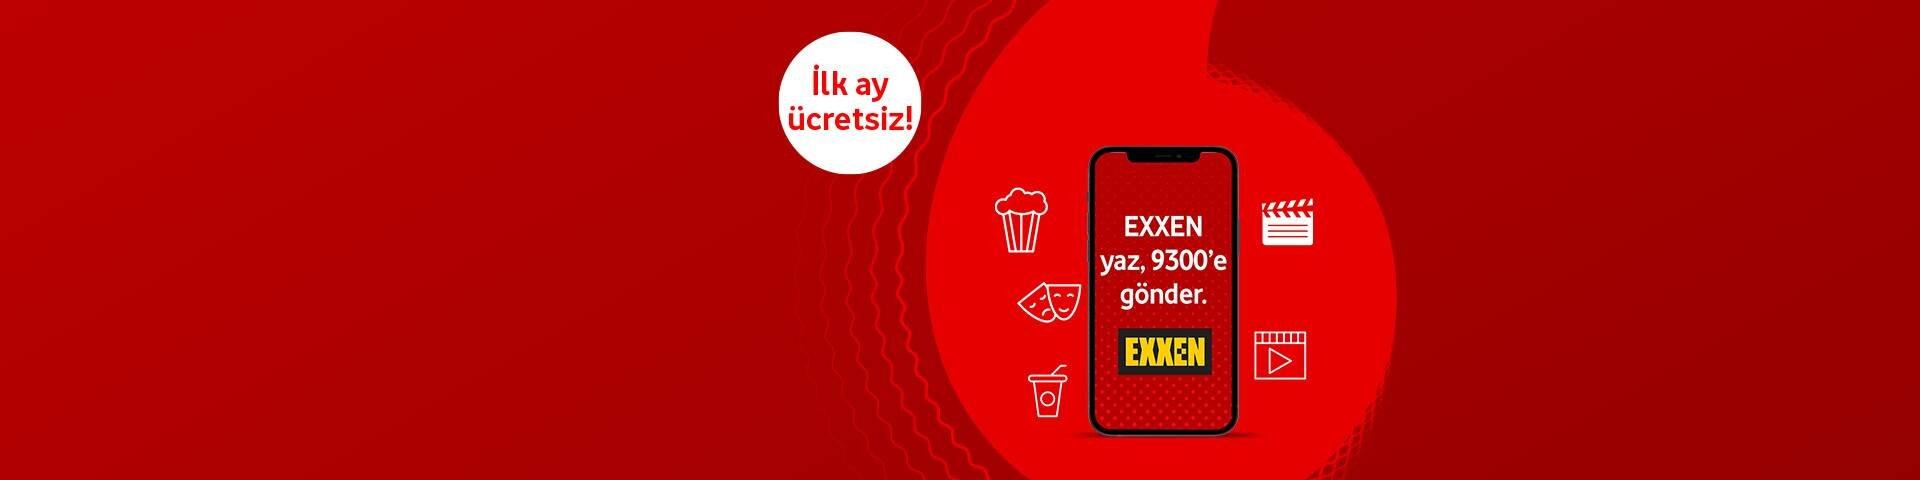 Vodafone Mobil Ödeme ile Exxen